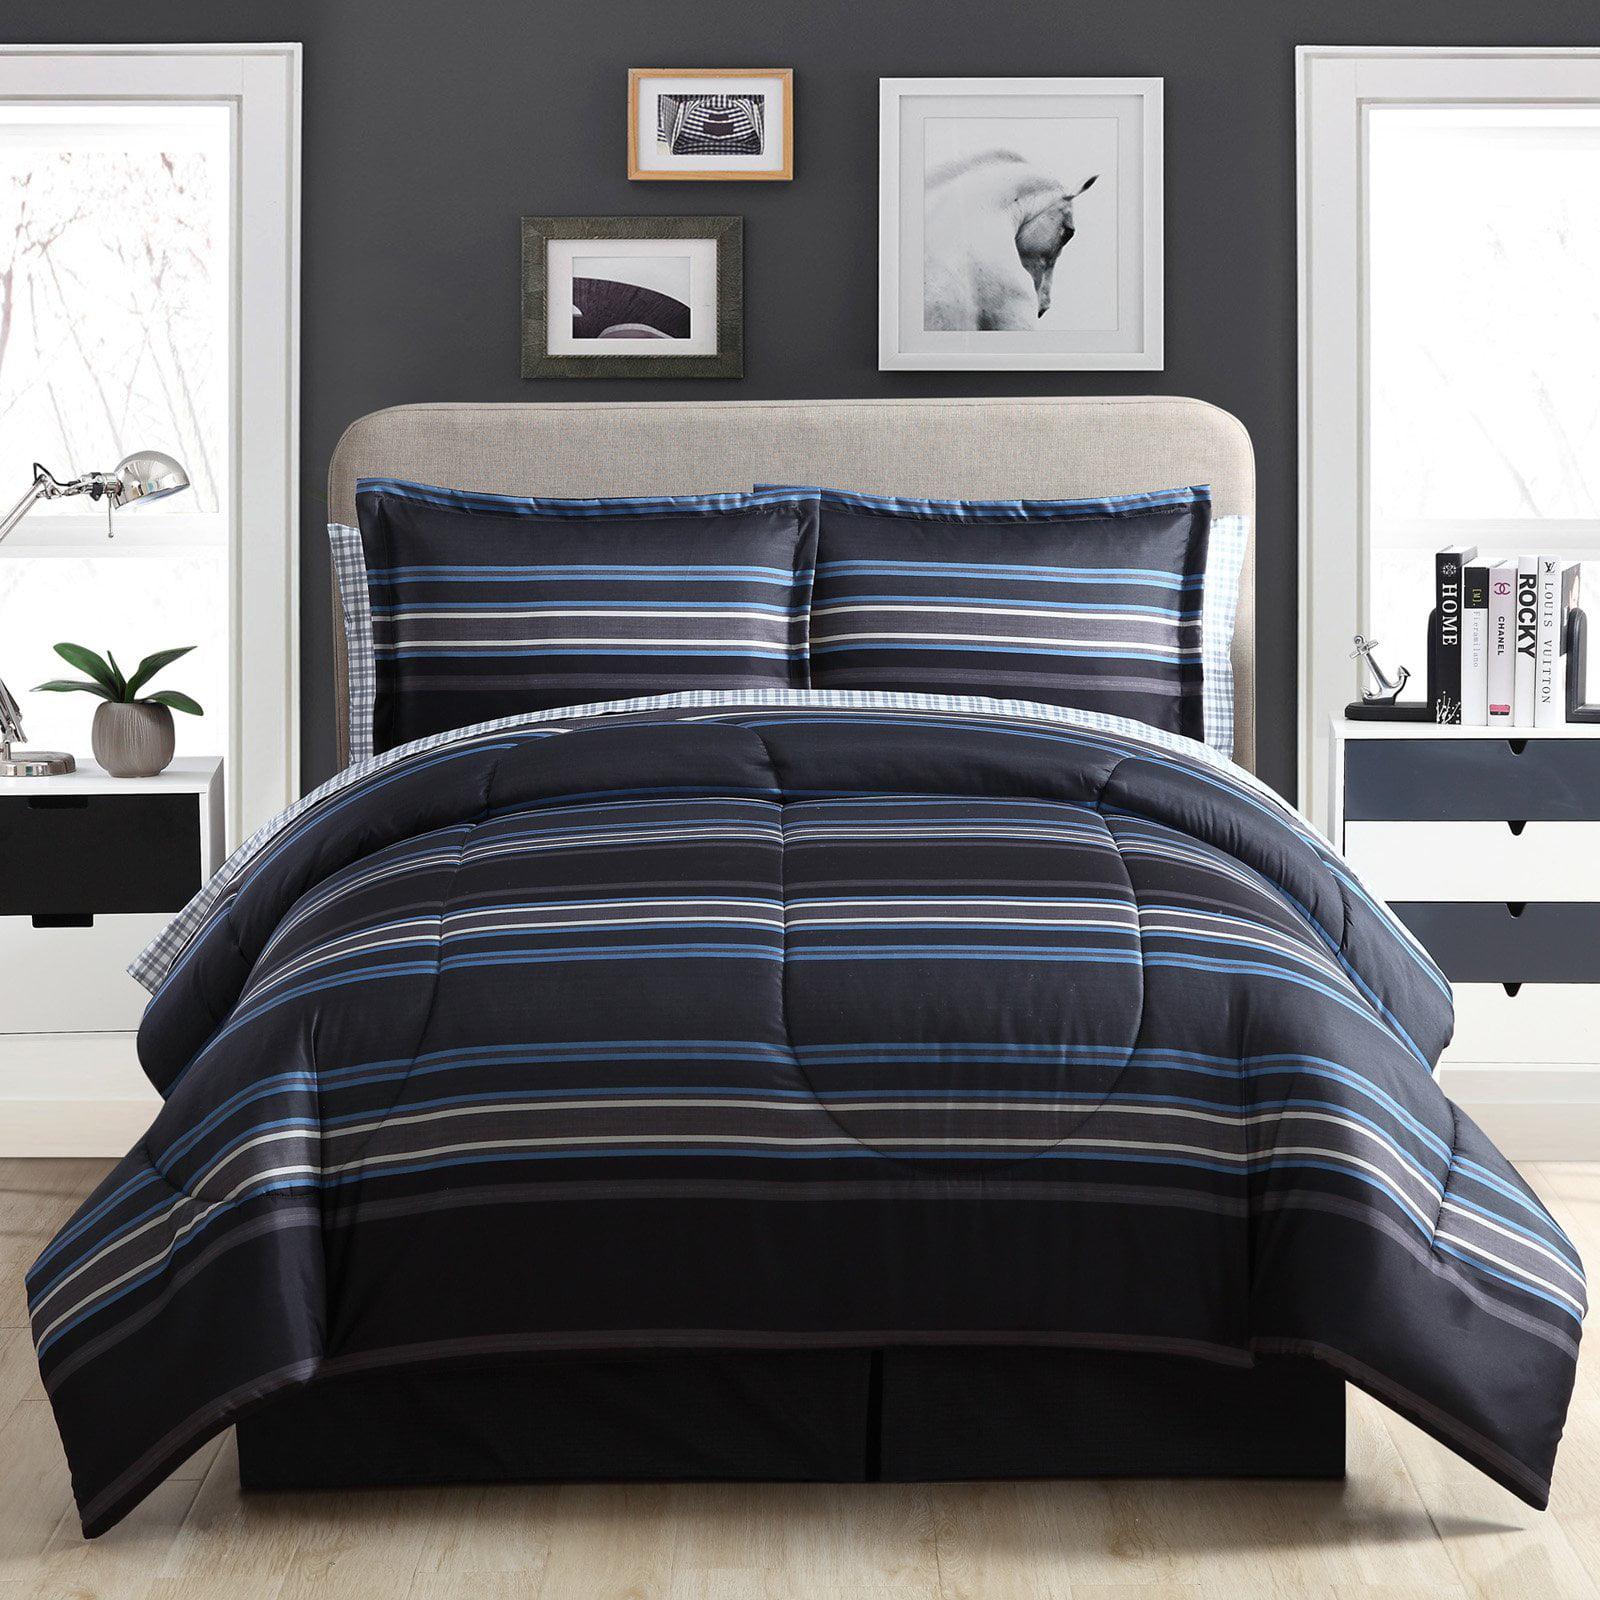 SOHO Stripe Bed in a Bag by Ellison